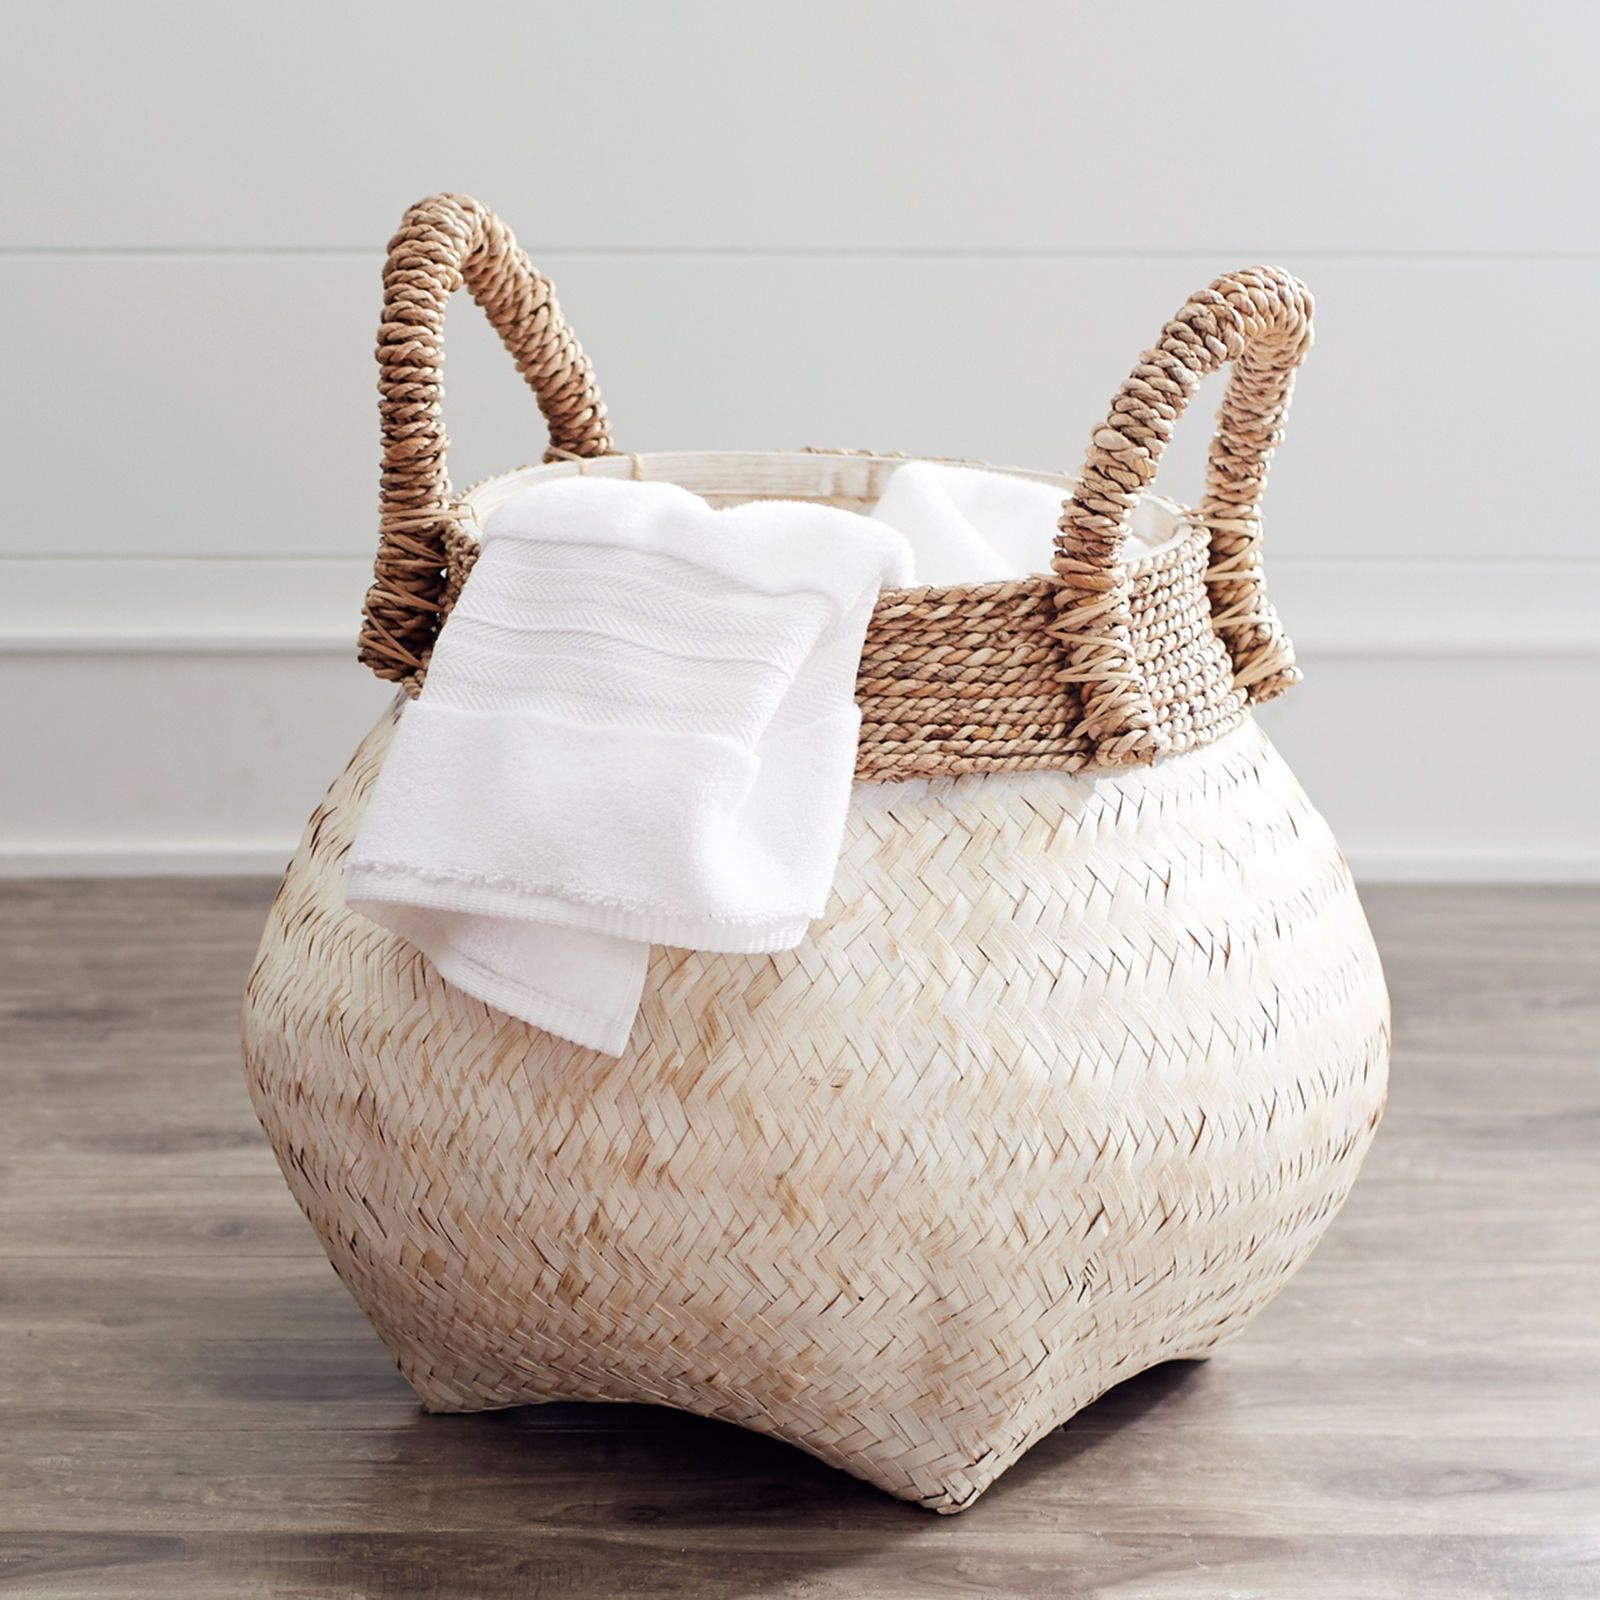 Julianna white natural wicker basket in 2019 r g - White wicker bathroom accessories ...